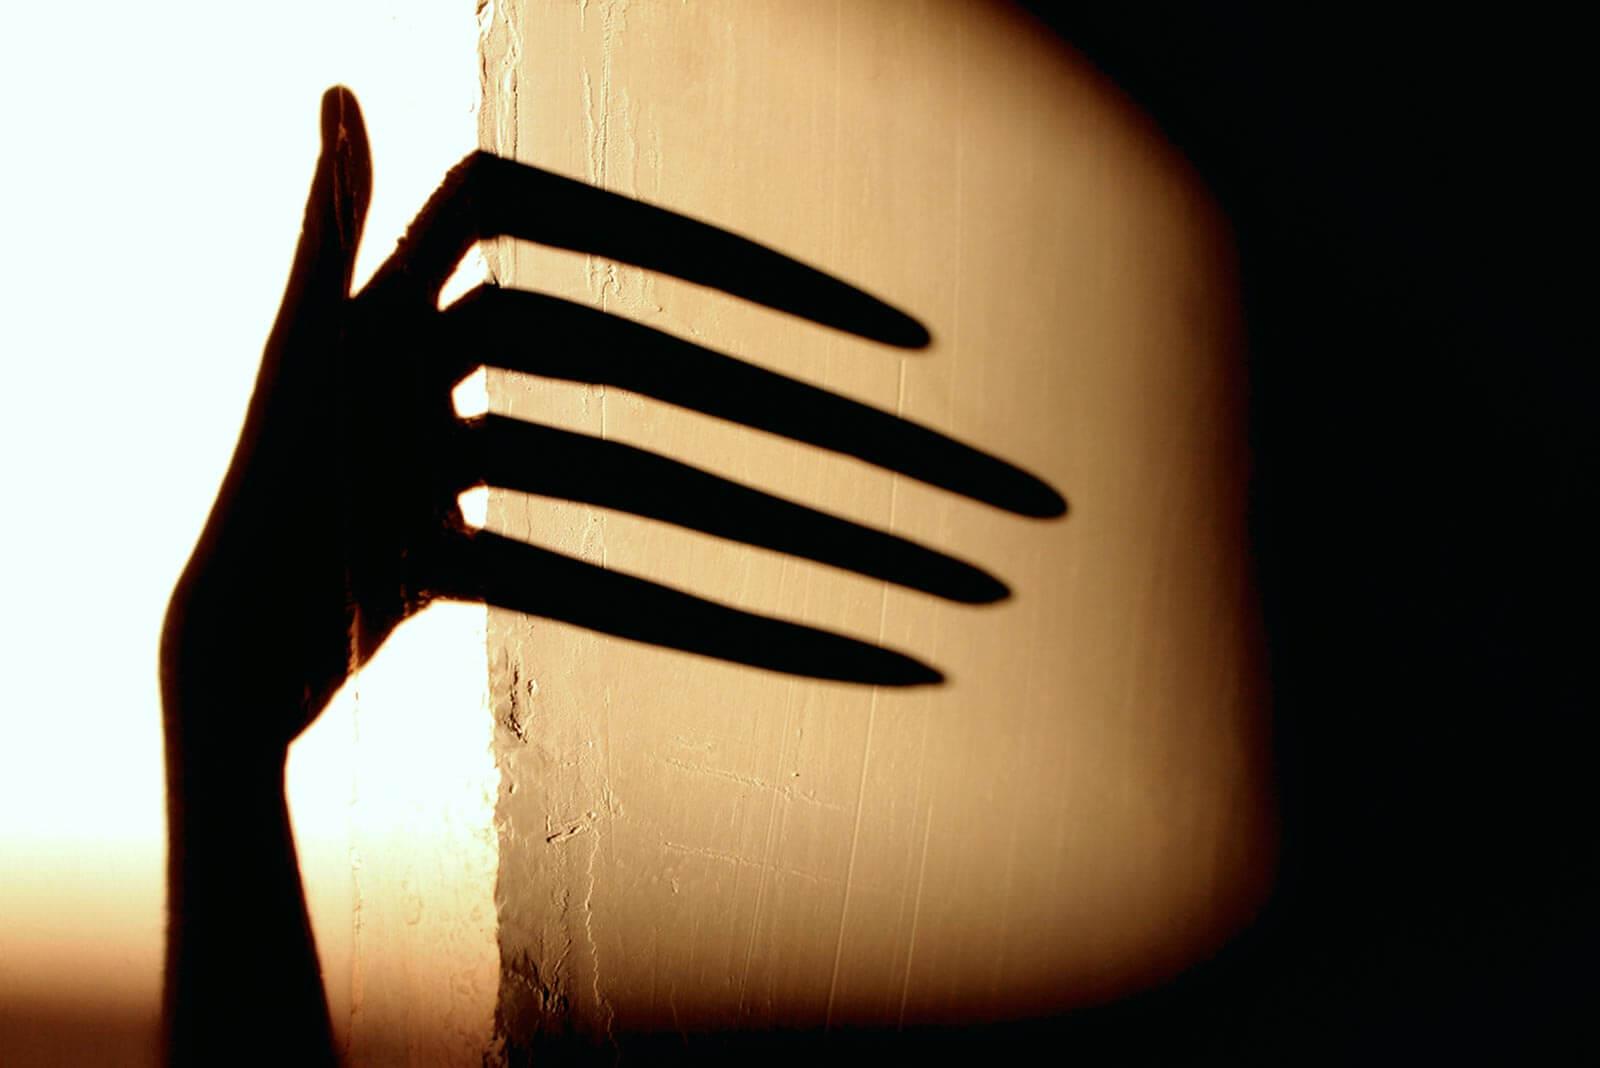 Schatten einer Hand auf einer Wand